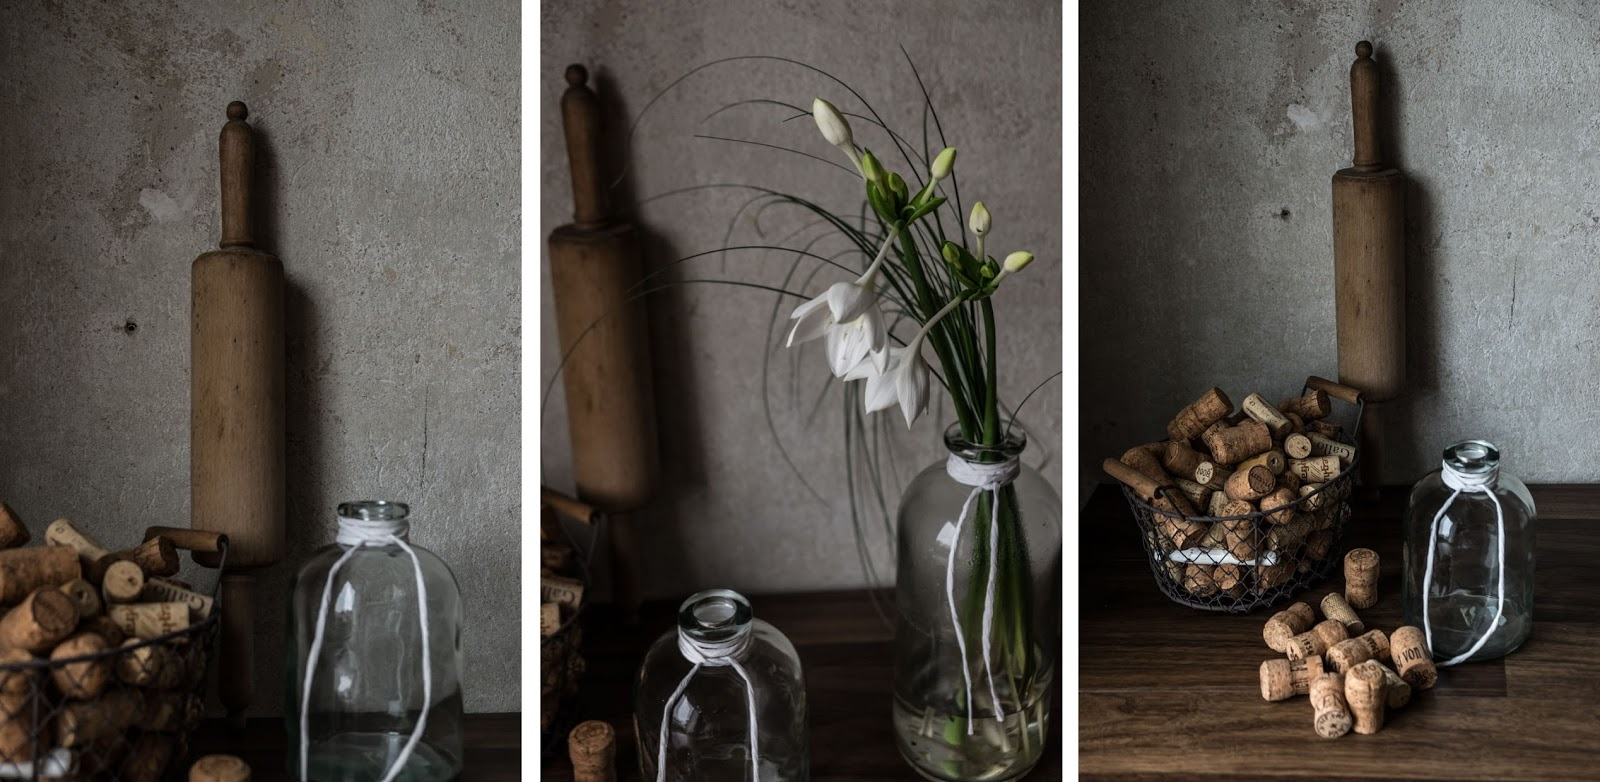 fim.works | Fotografie. Wortakrobatik. Wohngefühl. | Lifestyle Blog | Hippeastrum ist eine Amarillysart